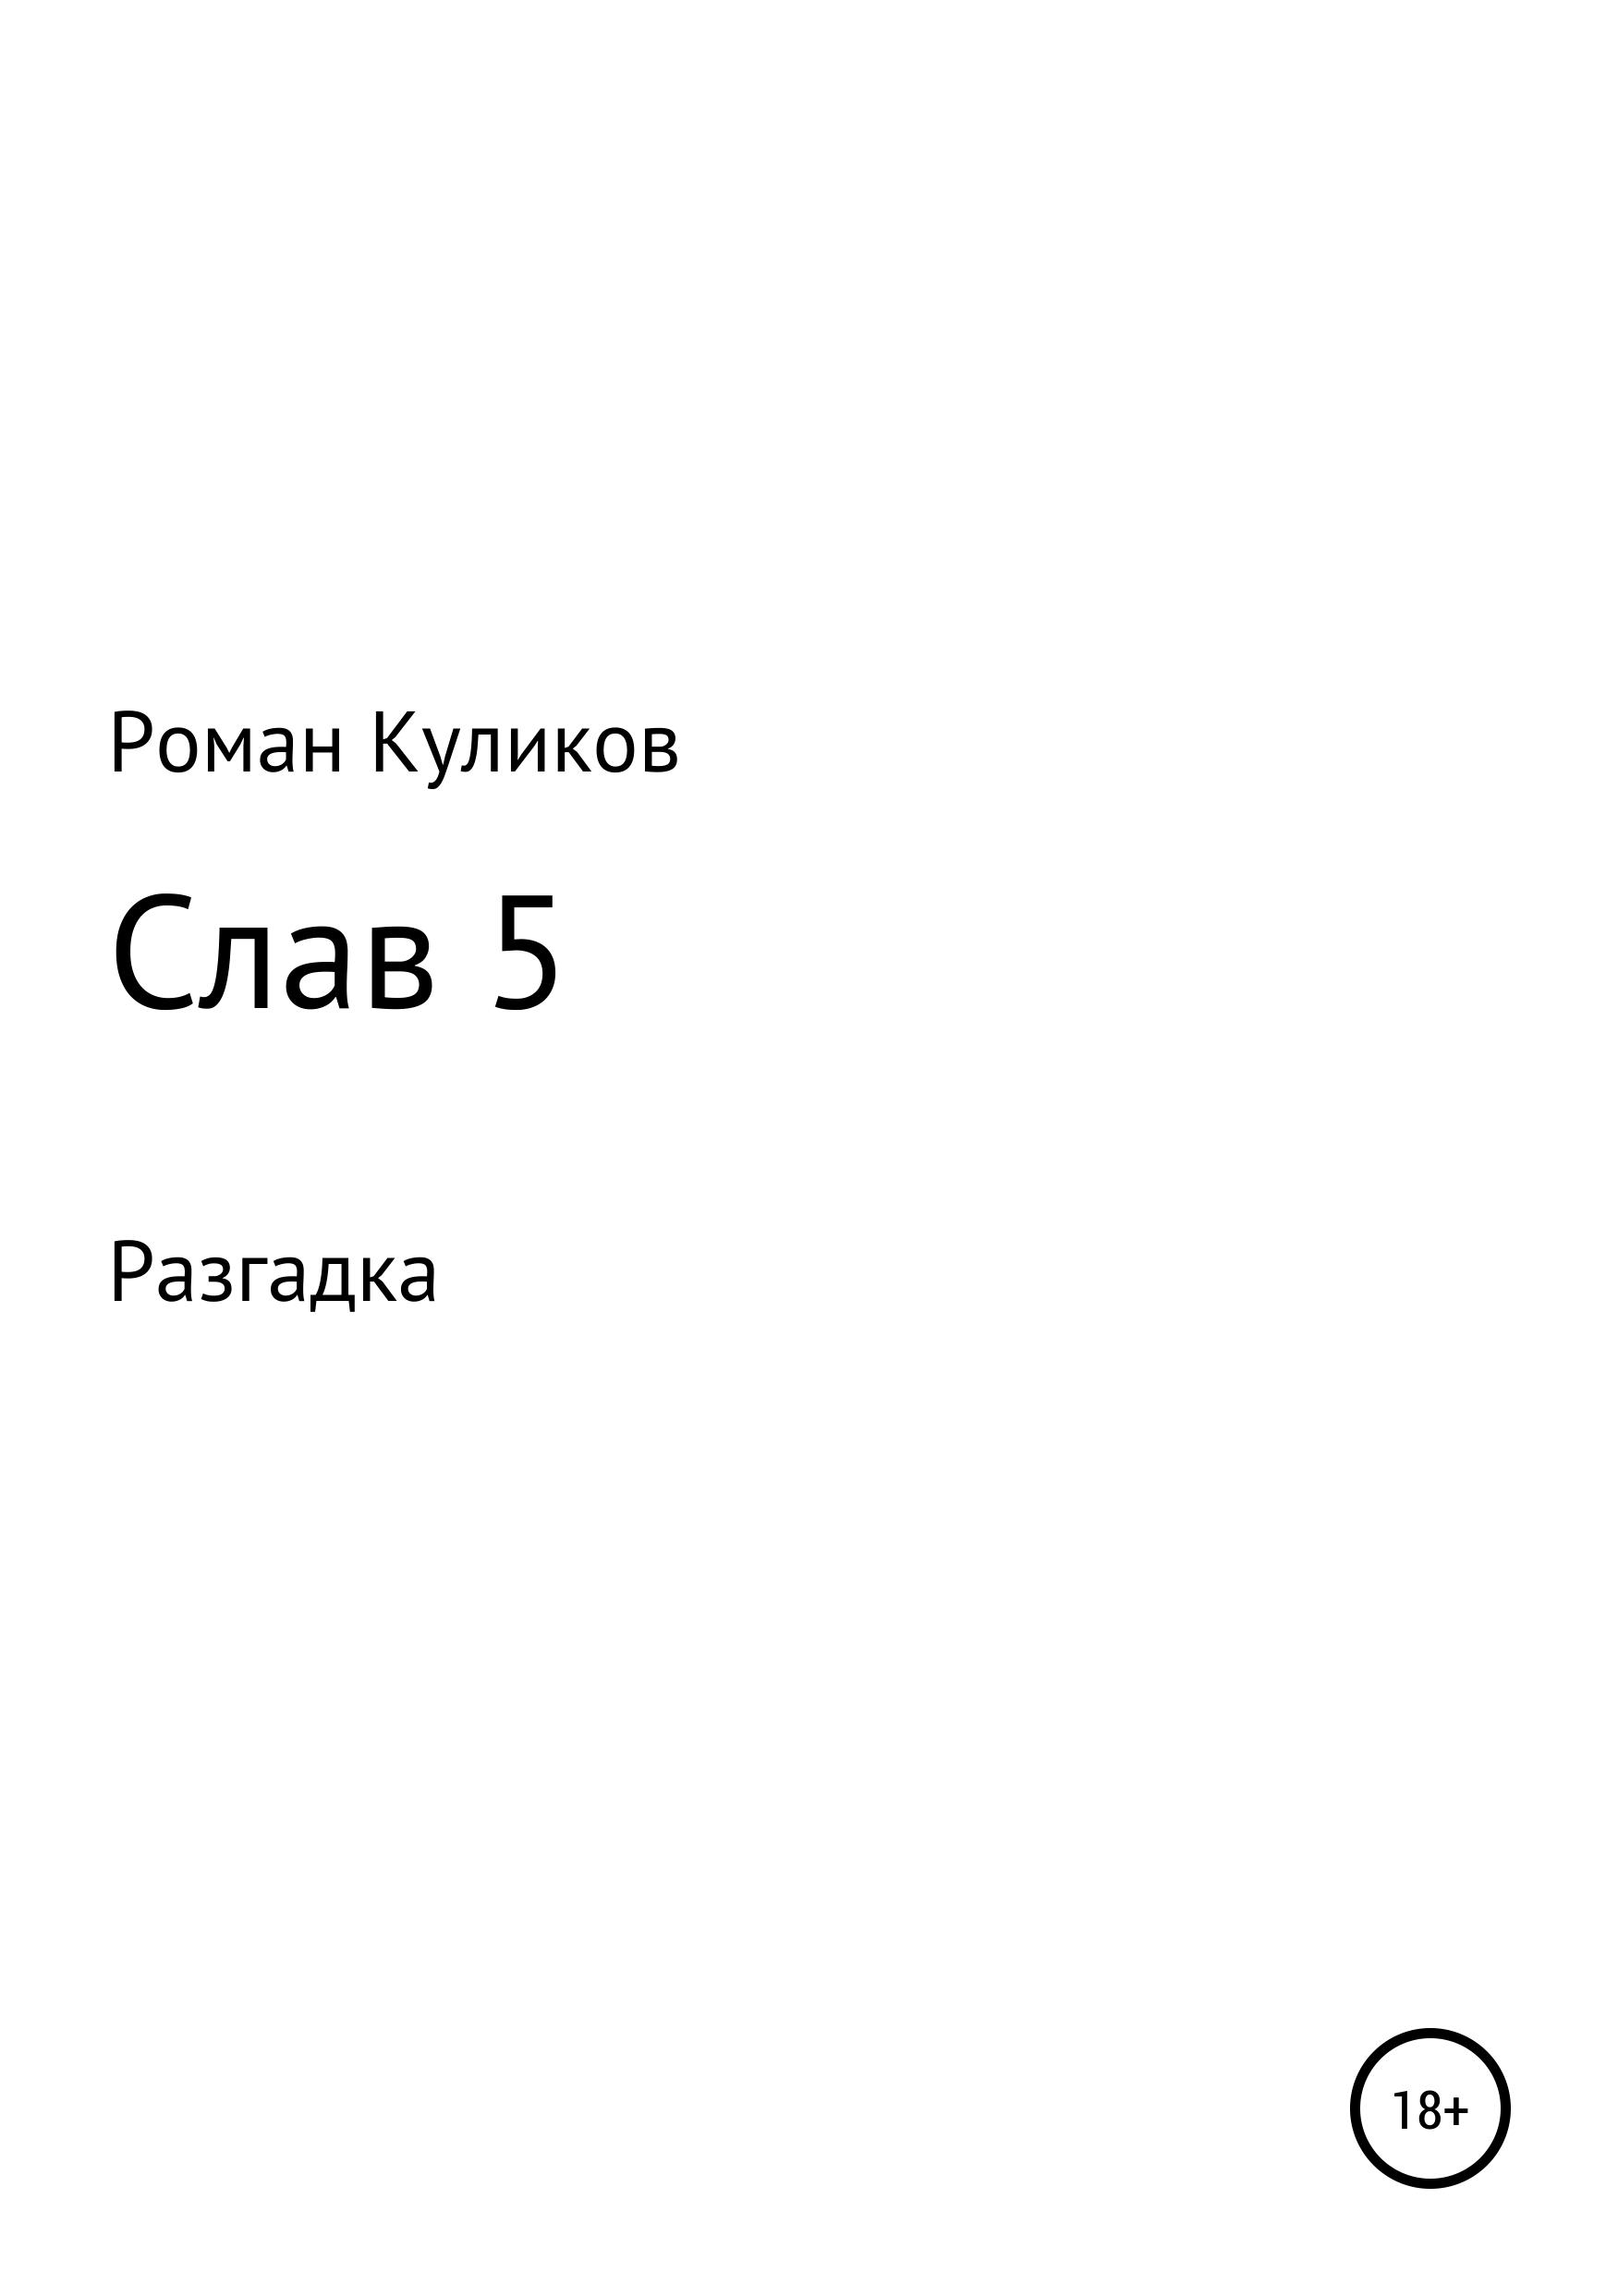 Слав 5. Разгадка